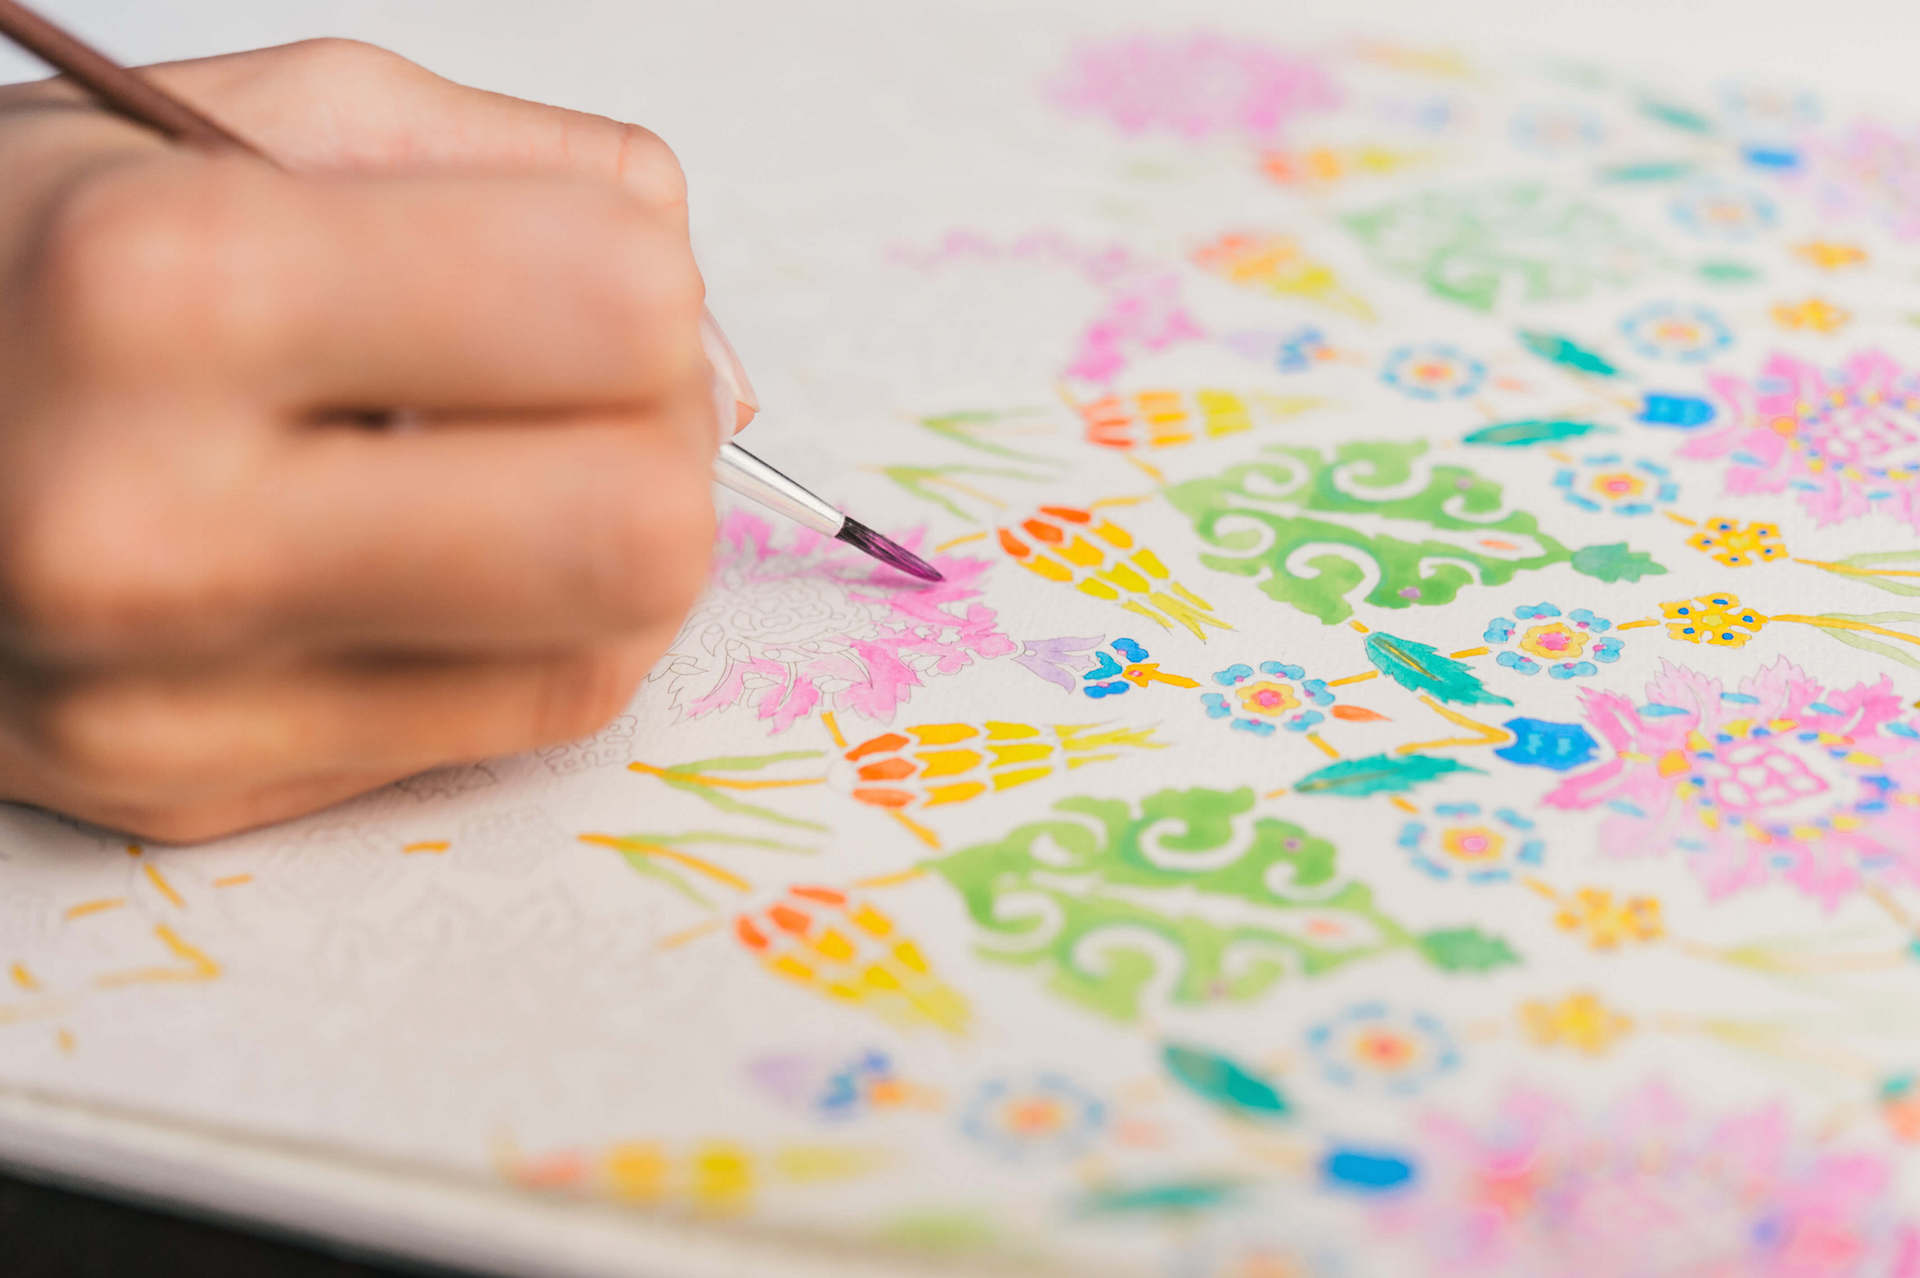 Genussmomente mit bunten Farben